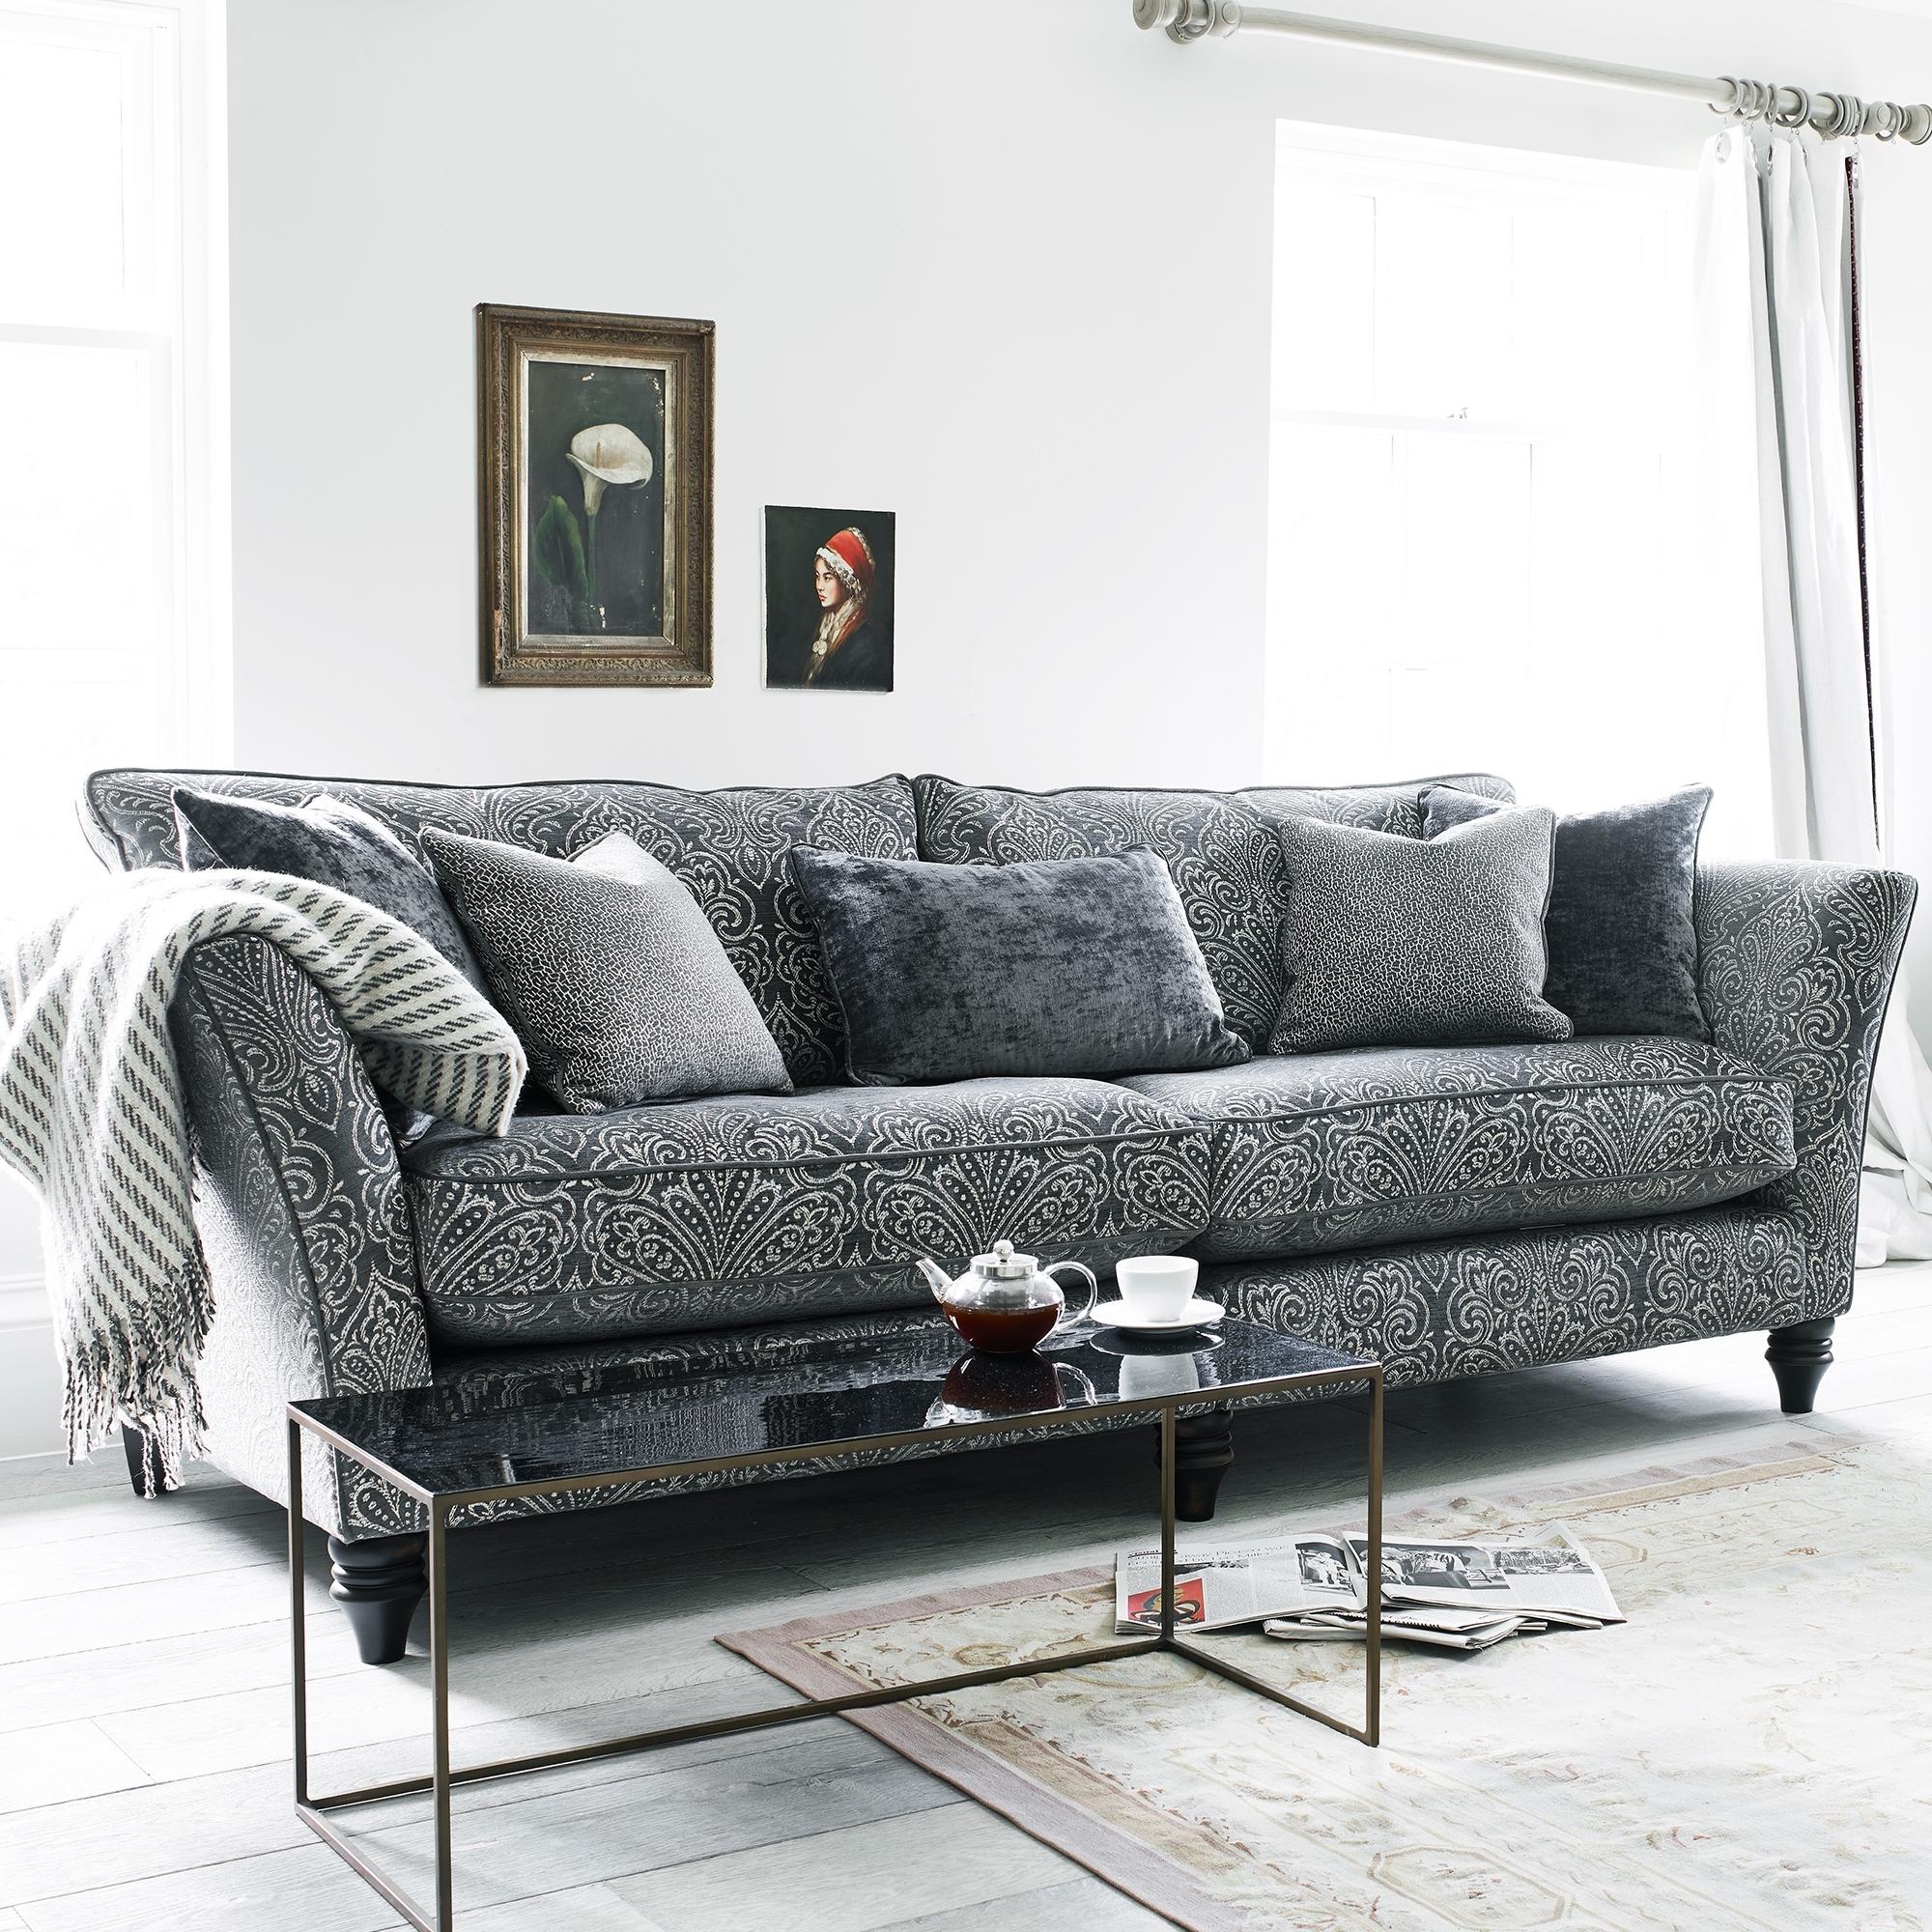 Bedroom Recliner Chairs Bedroom Furniture Floor Plan Cream Carpet Bedroom Bedroom Bench Uk: Divine Grand Knole Split Sofa